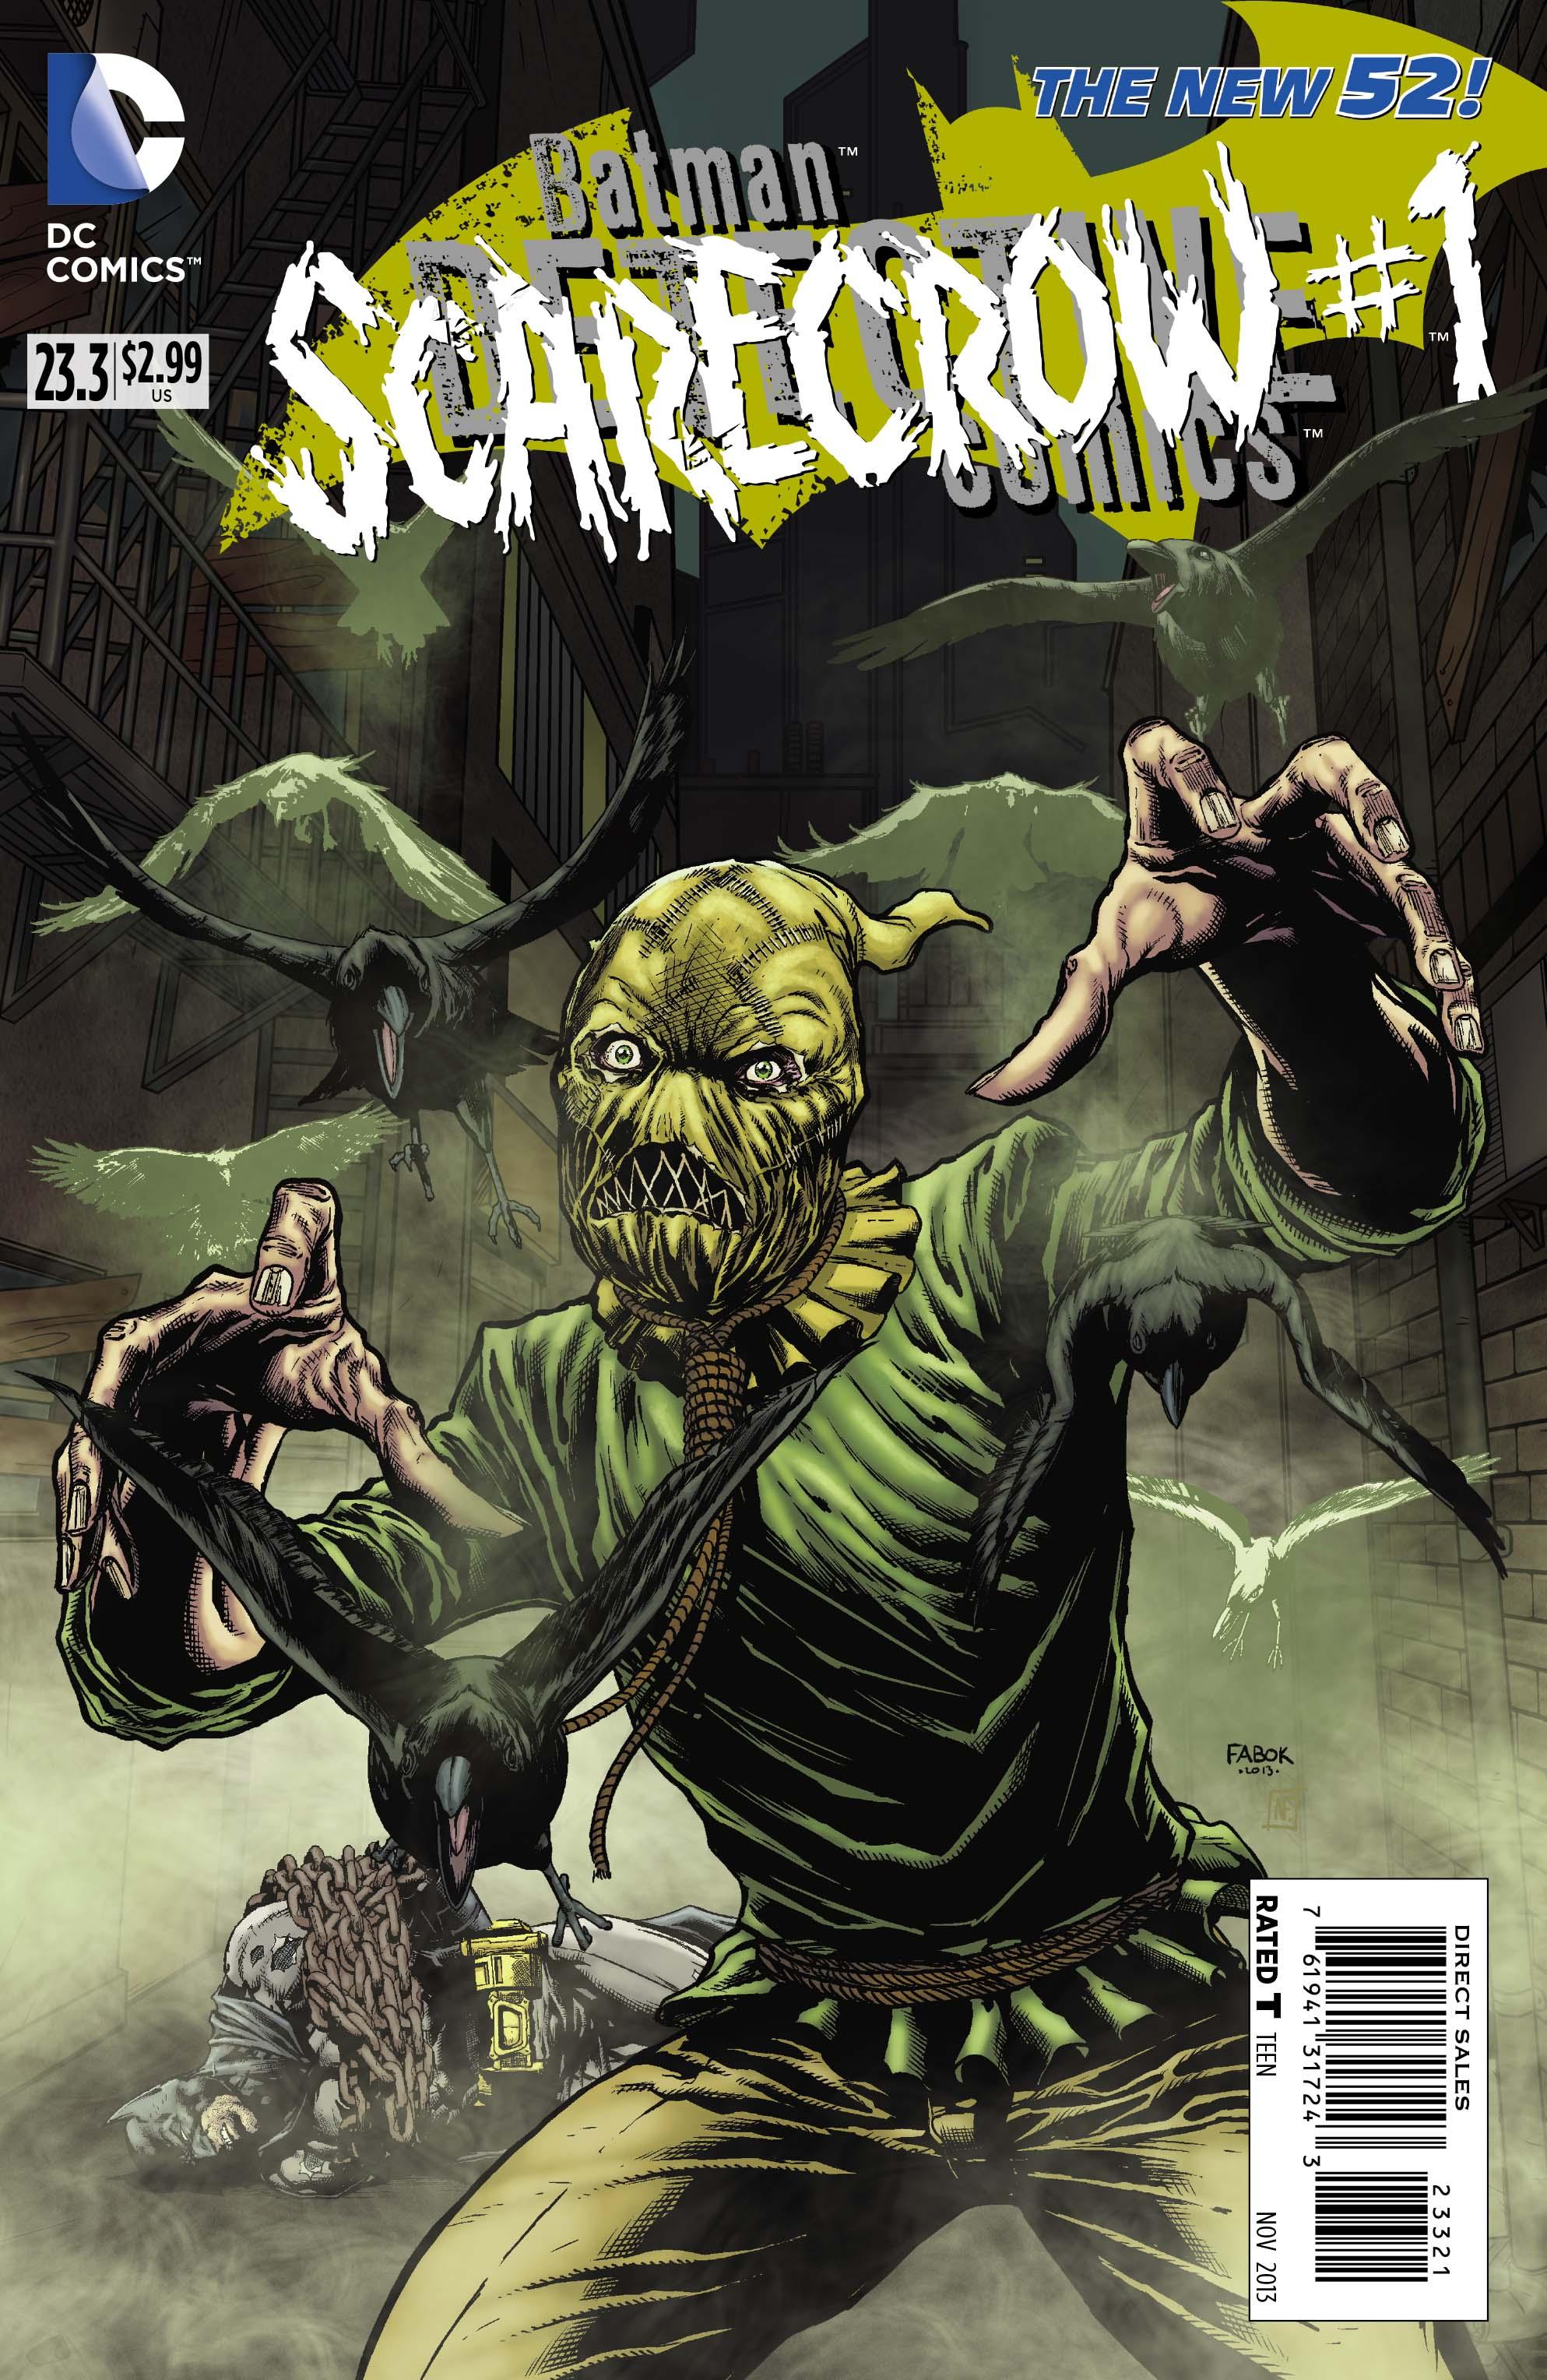 DETECTIVE COMICS #23.3: THE SCARECROW